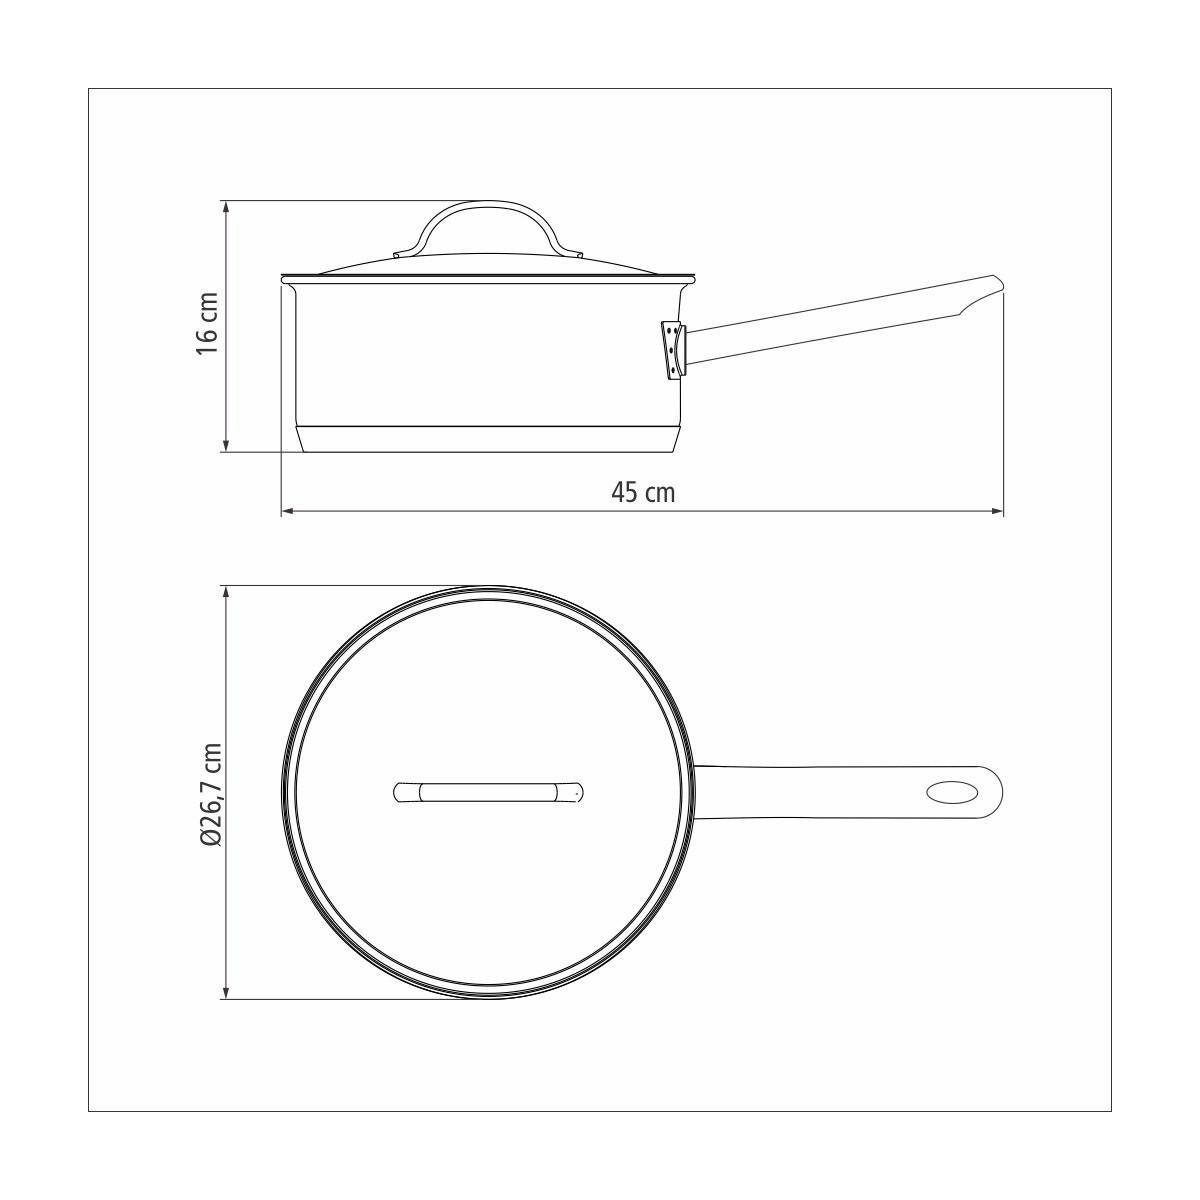 Panela Aço Inox Professional 24cm Com Tampa 4,7L Tramontina  - Sua Casa Gourmet e Cia